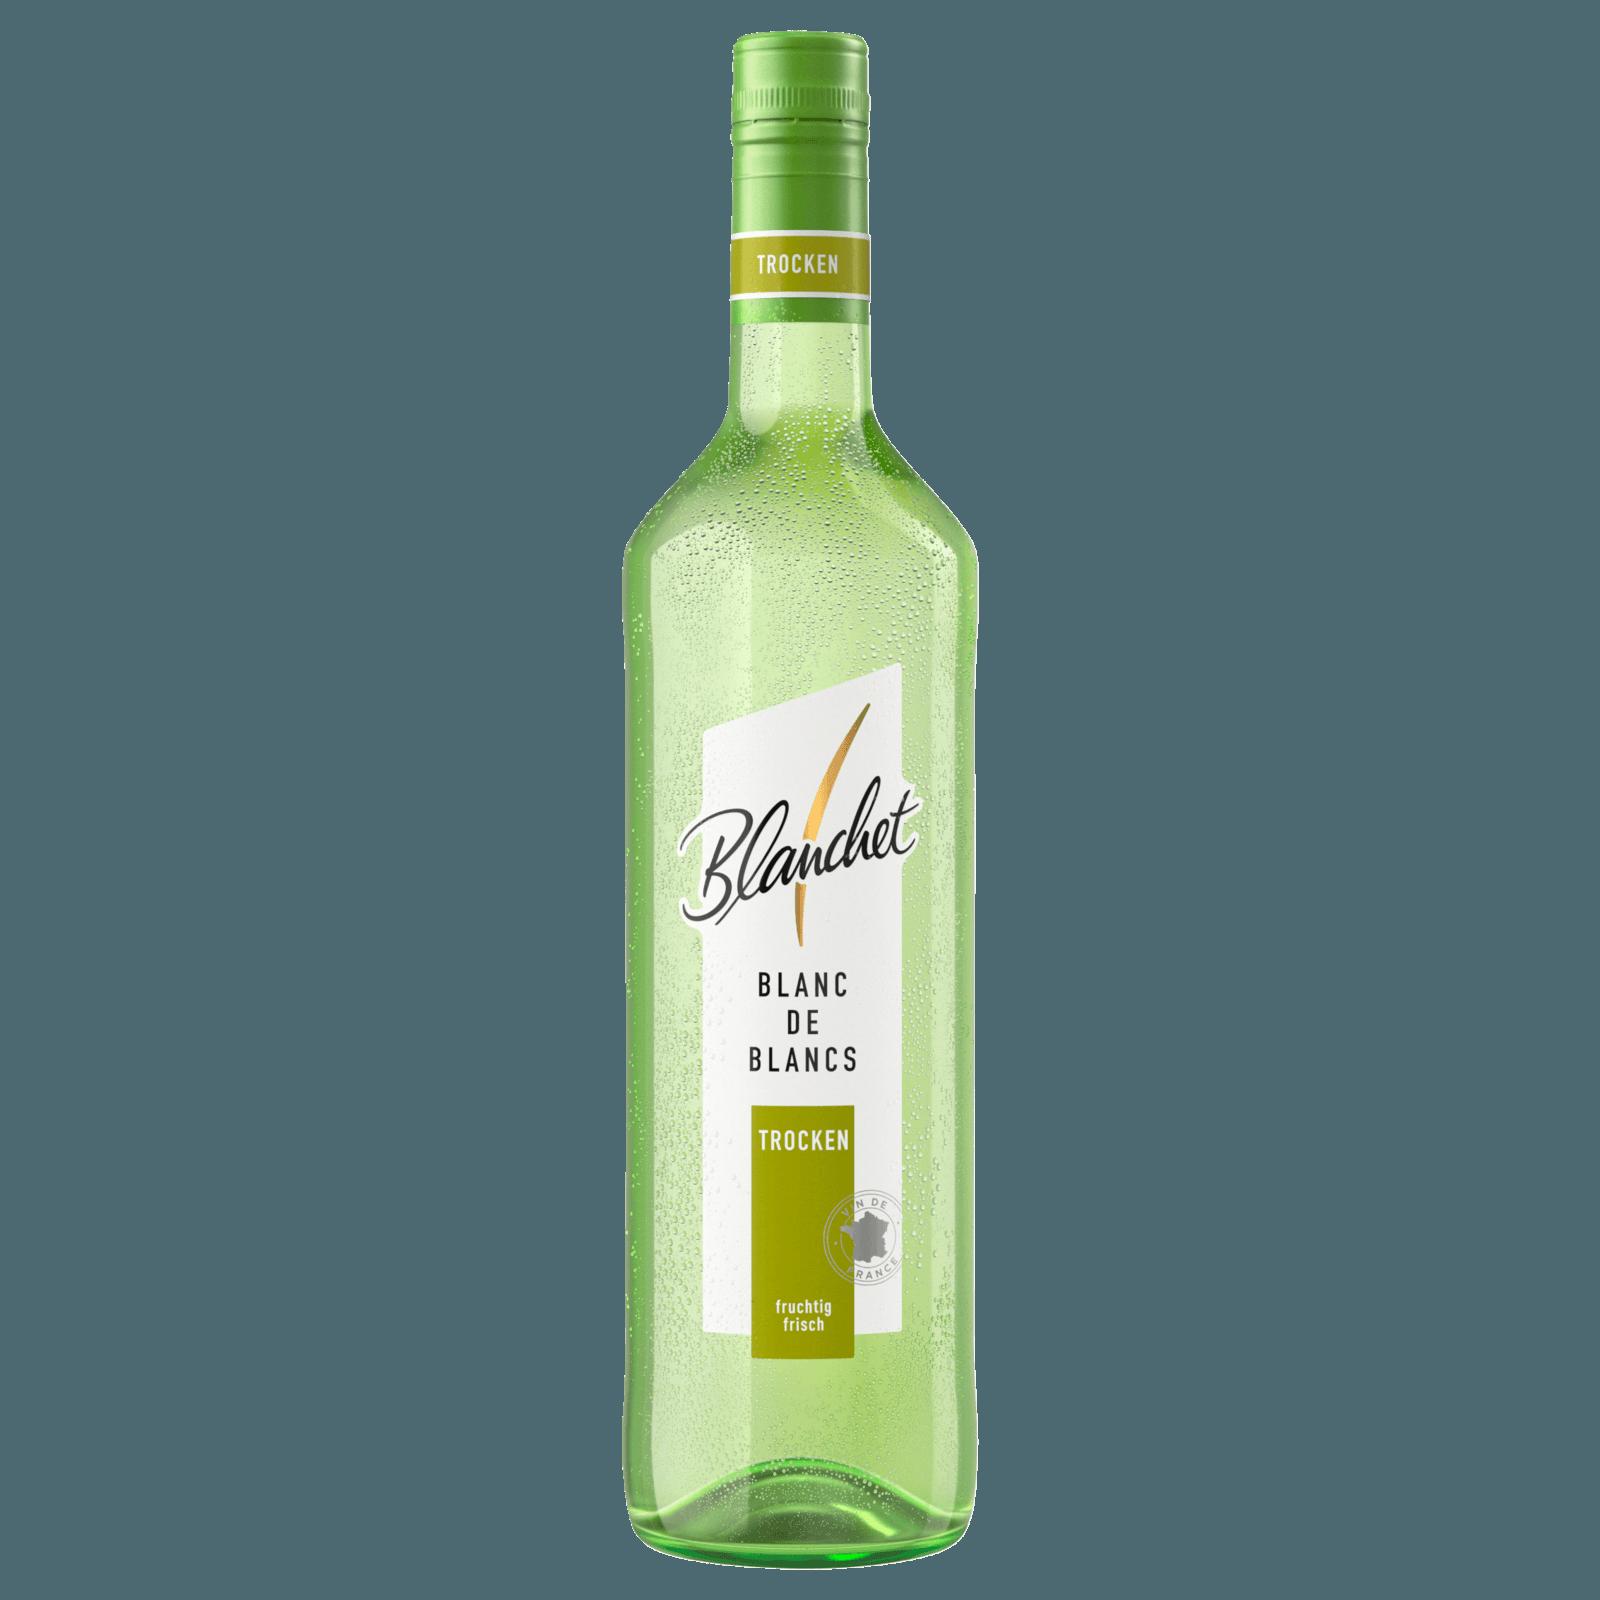 Blanchet Blanc de Blancs trocken 0,75l